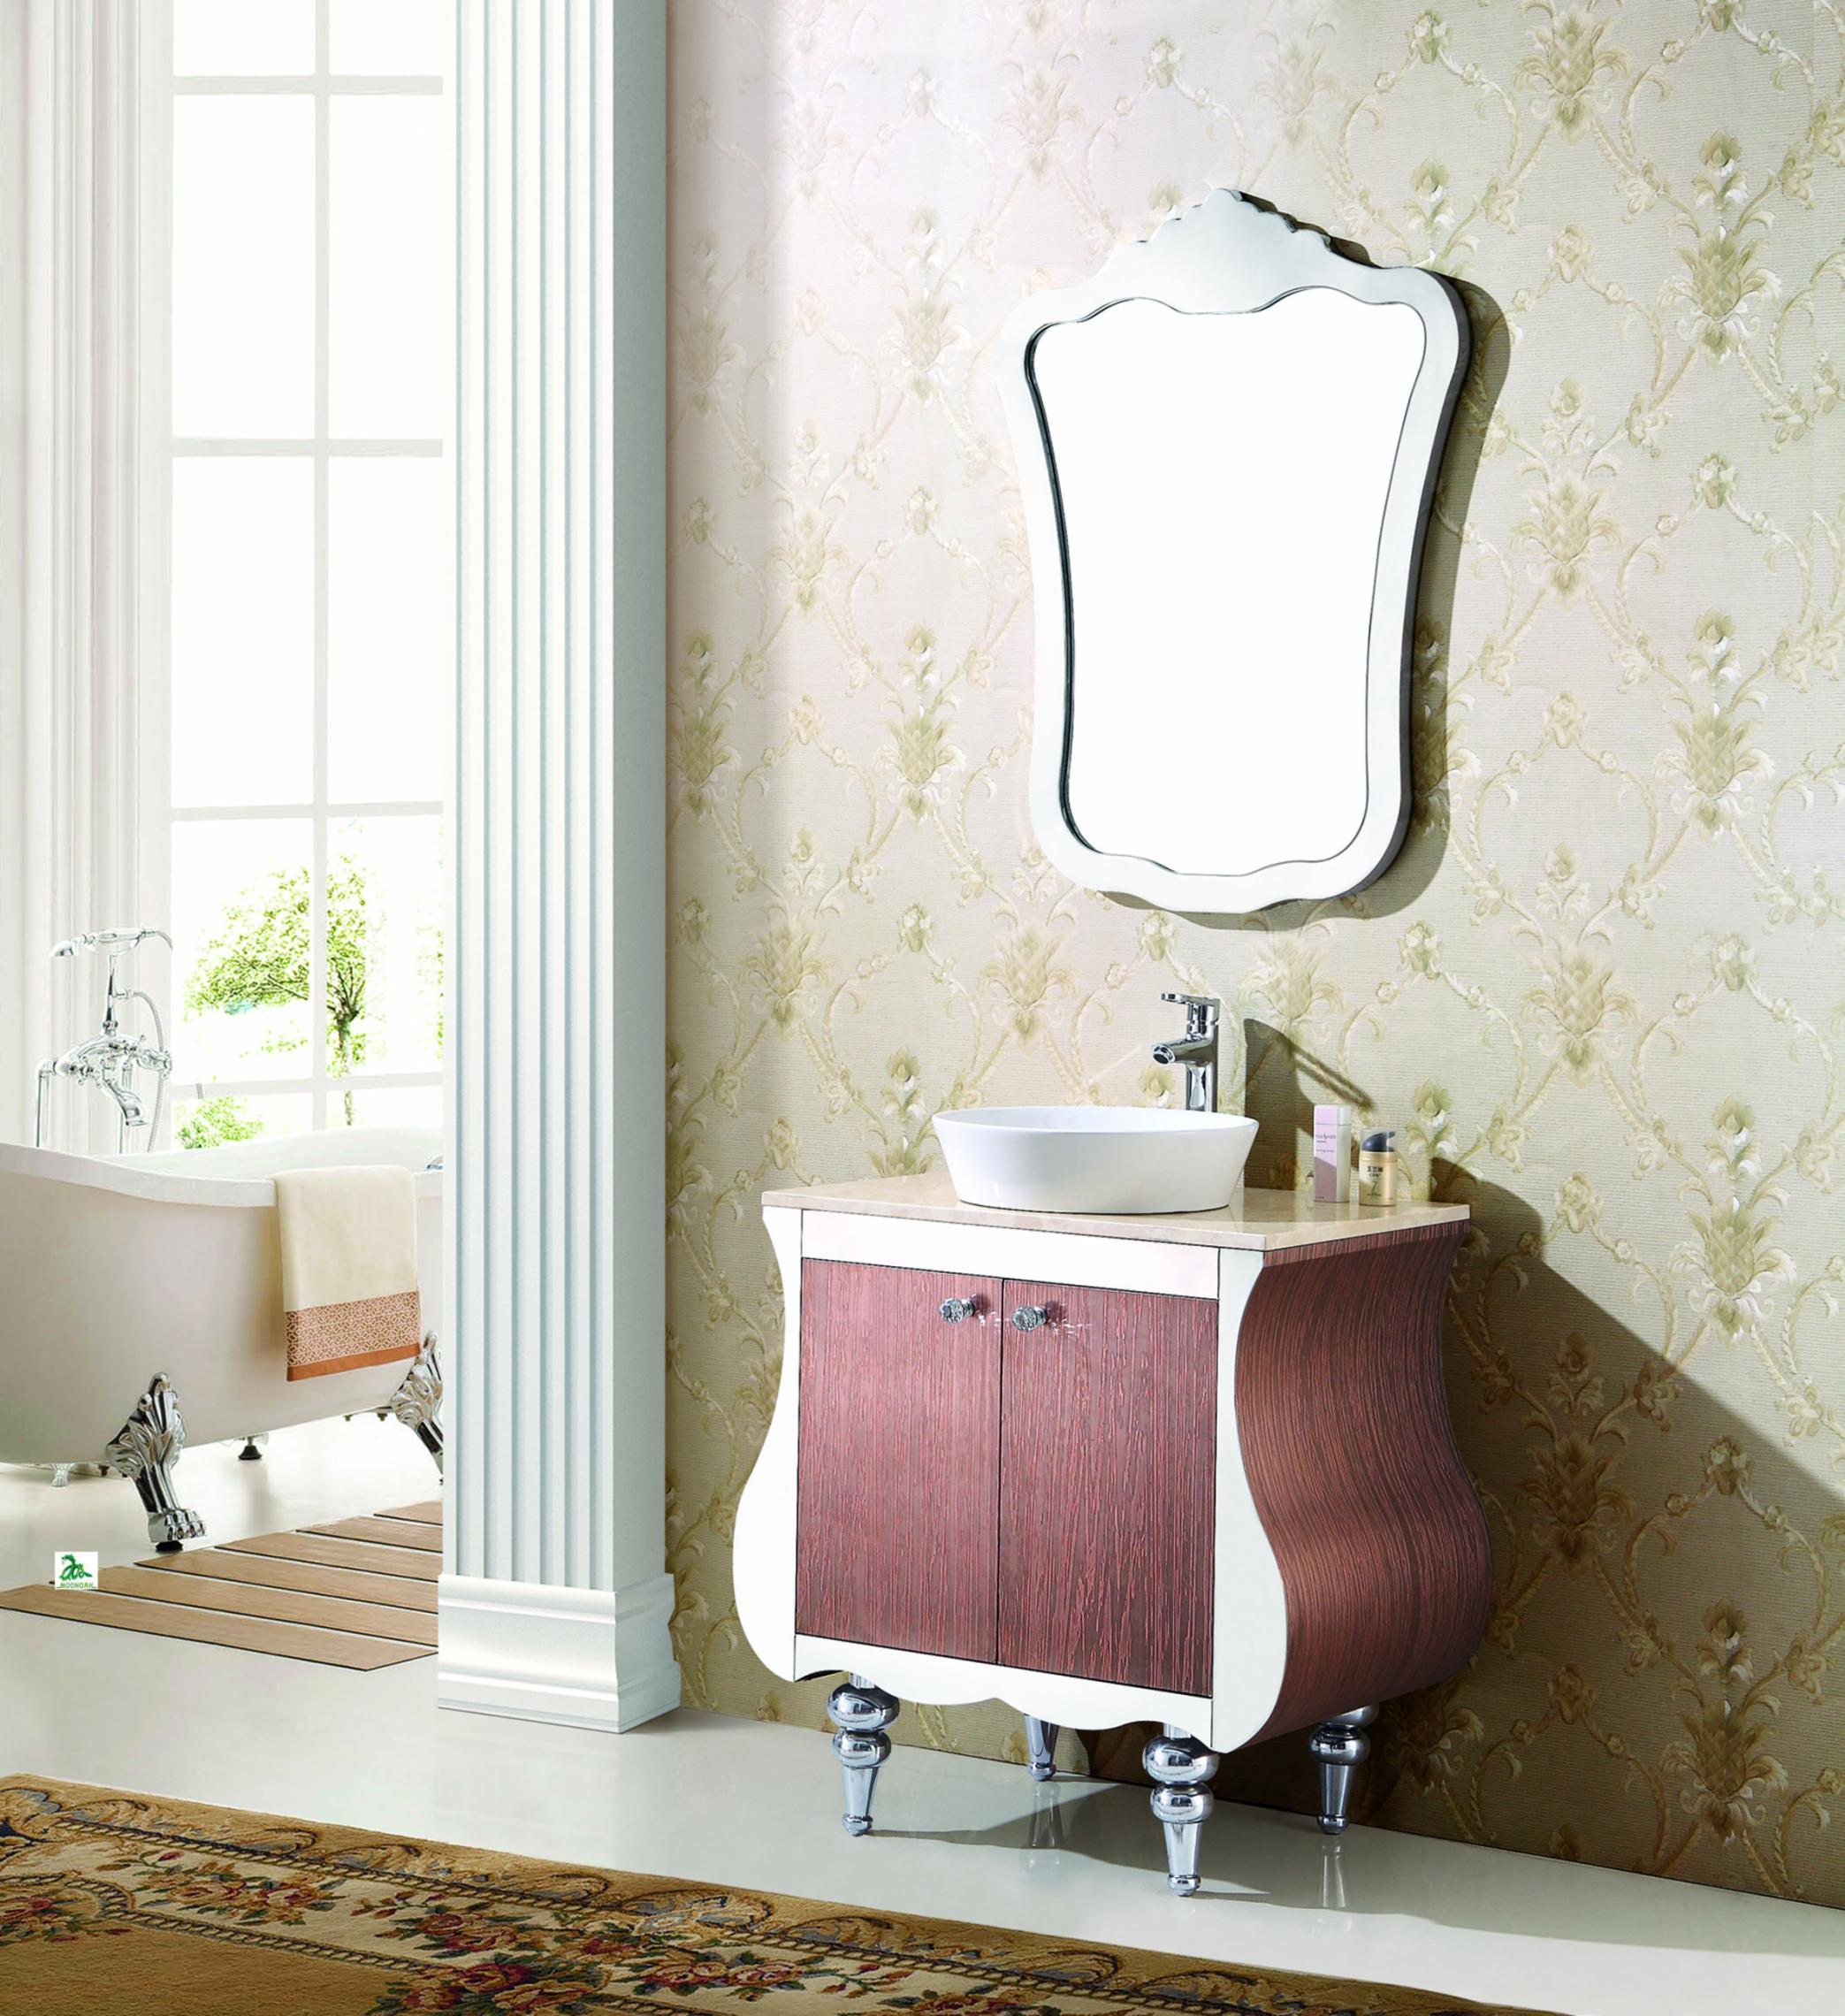 Bộ tủ chậu lavabo phòng tắm SUS304 MN-8805 2